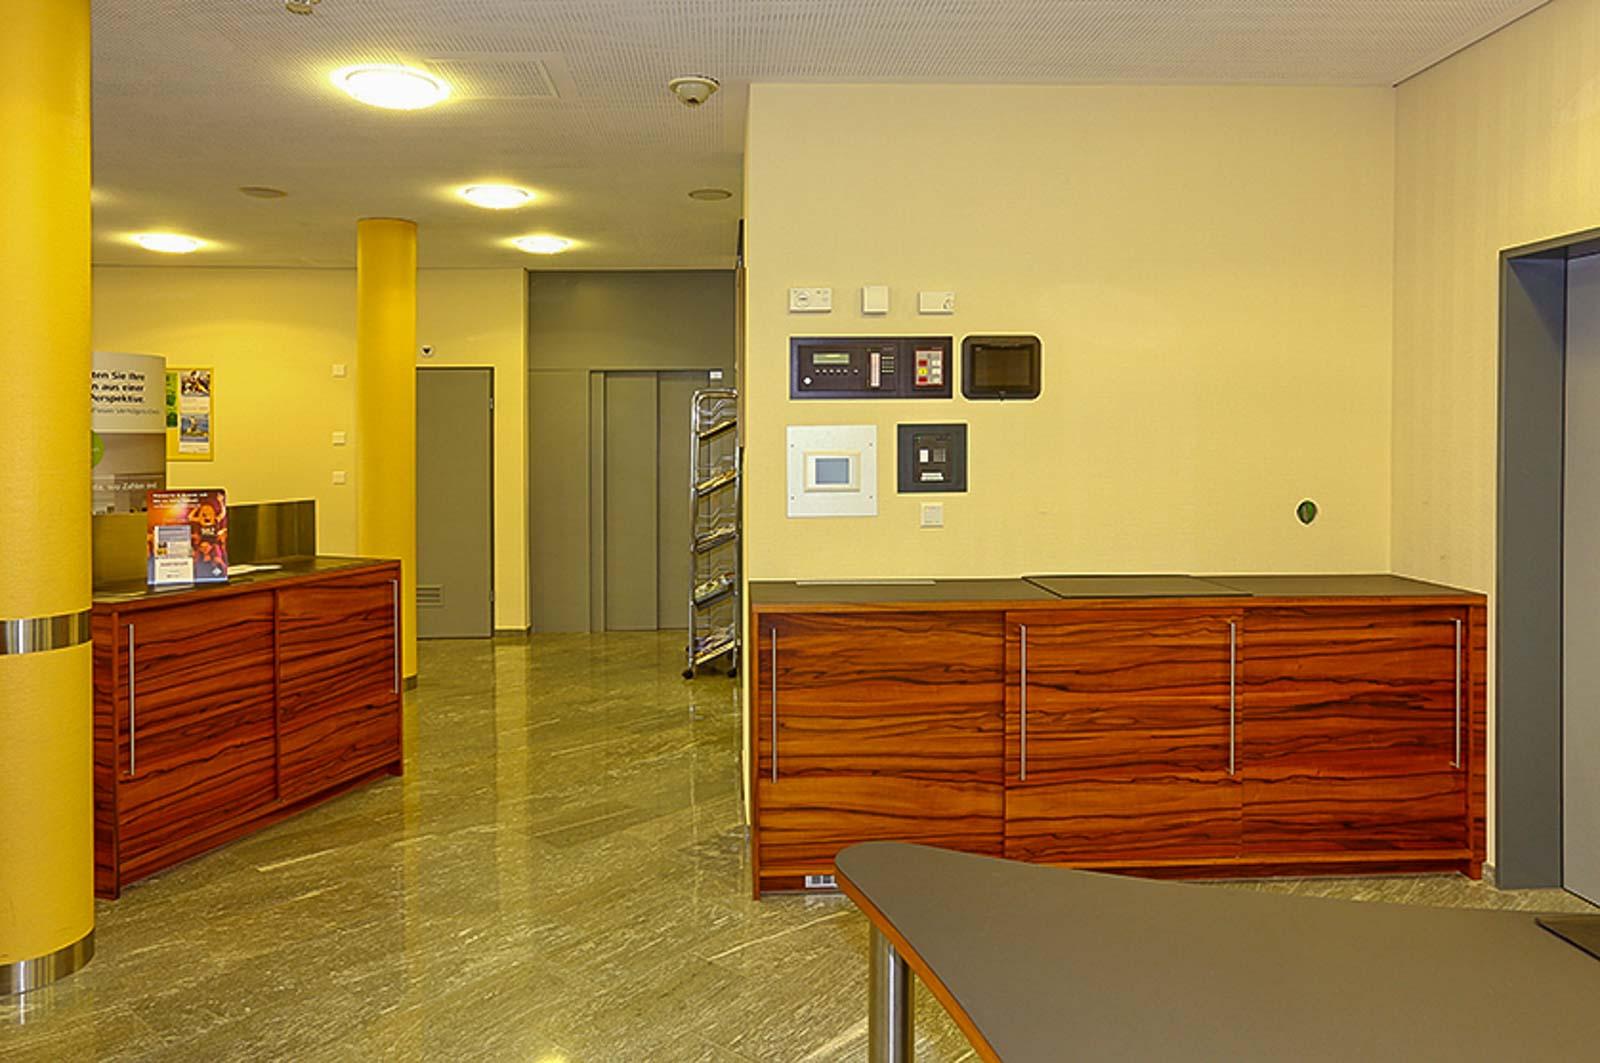 Wooddesign_Büro_Homeoffice_Schreibtisch_höhenverstellbar_Regal_Schubladen_Wandschrank_Sideboard_Besprechungstisch_Empfangstheke (7)